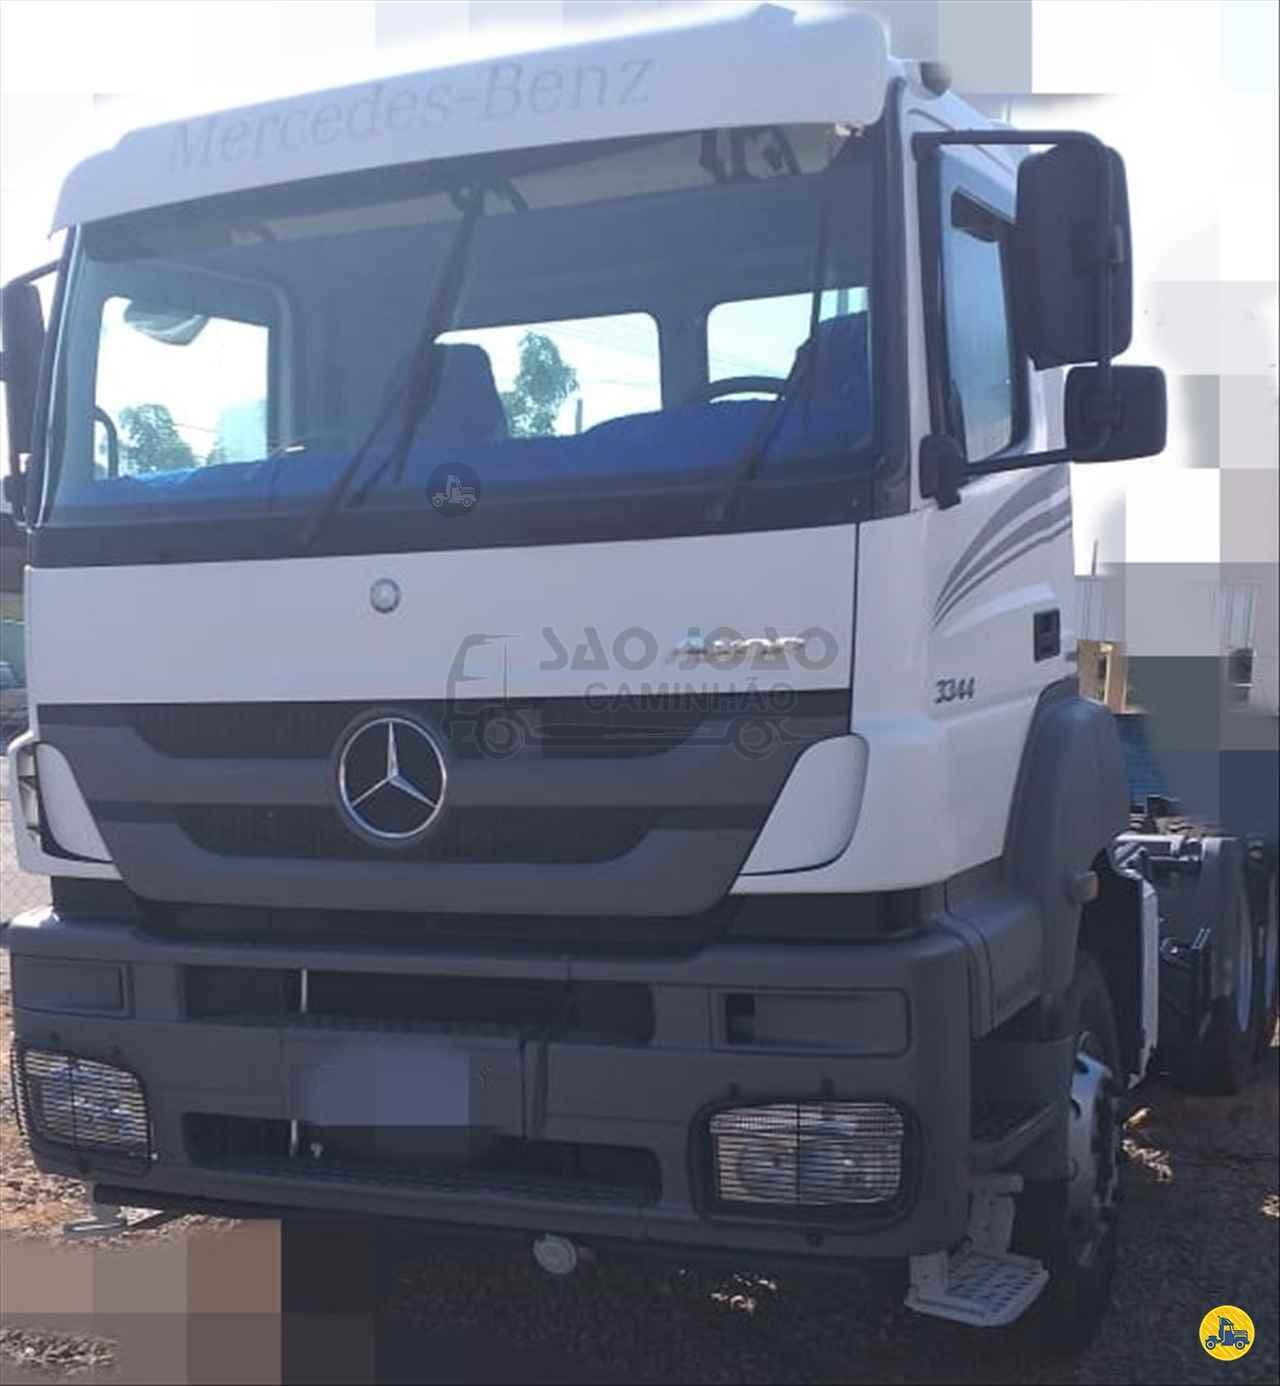 MB 3344 de São João Caminhão - SAO JOAO DA BOA VISTA/SP